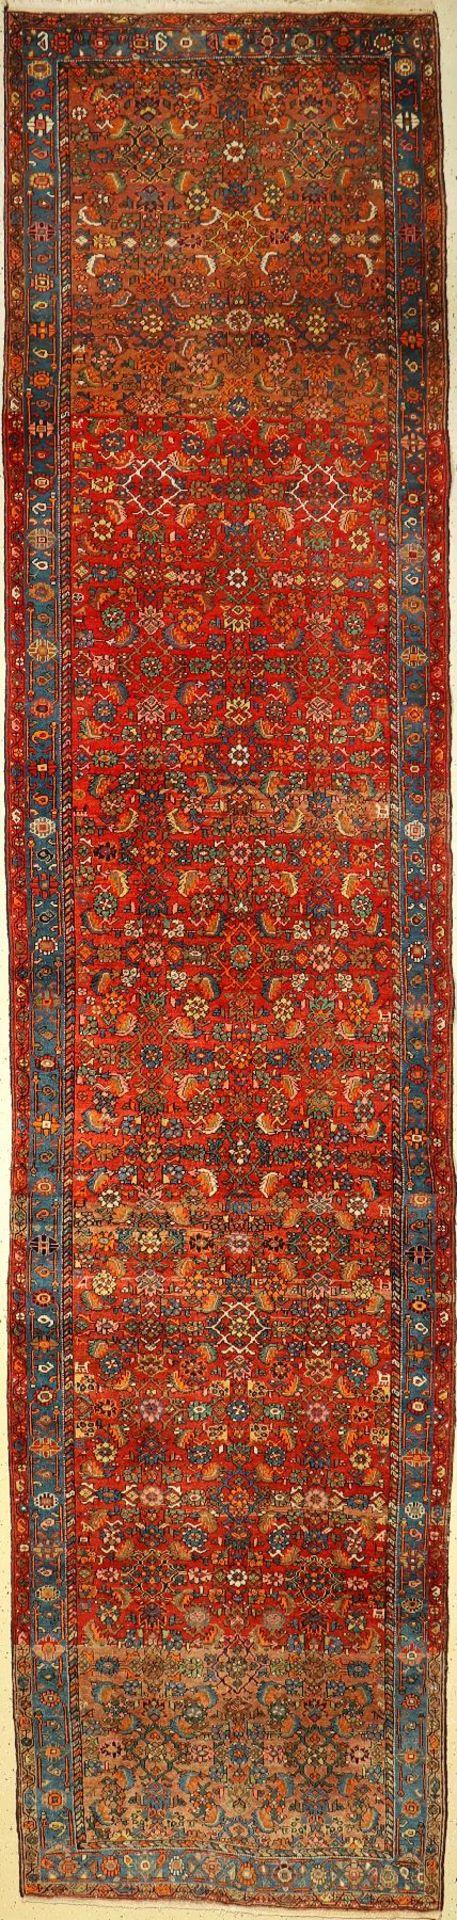 Bidjar, Persien, ca. 40 Jahre, Wolle auf Baumwolle, ca. 490 x 112 cm, EHZ: 3Bidjar, Persia,